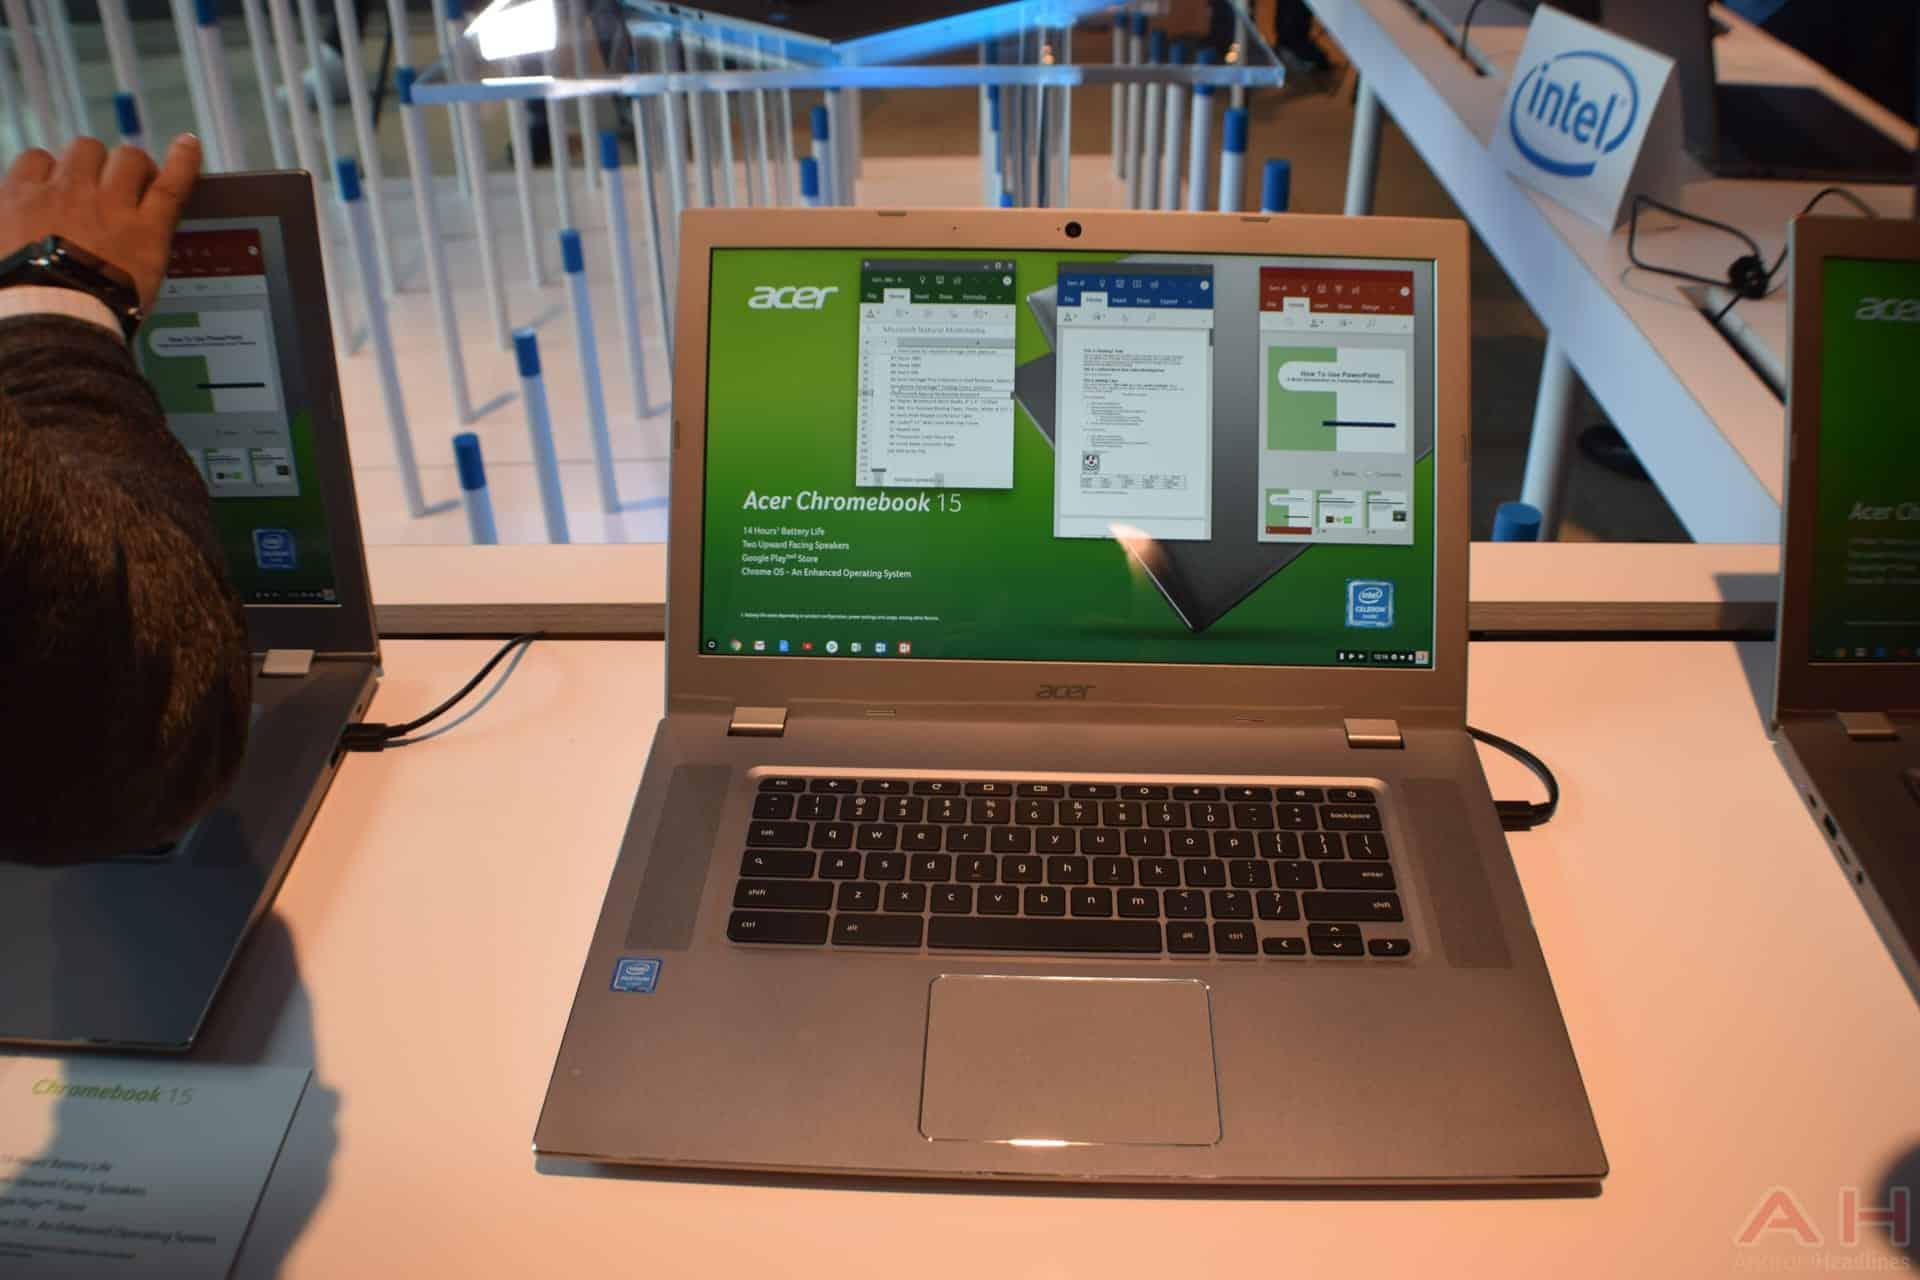 Acer Chromebook 15 AM AH 1